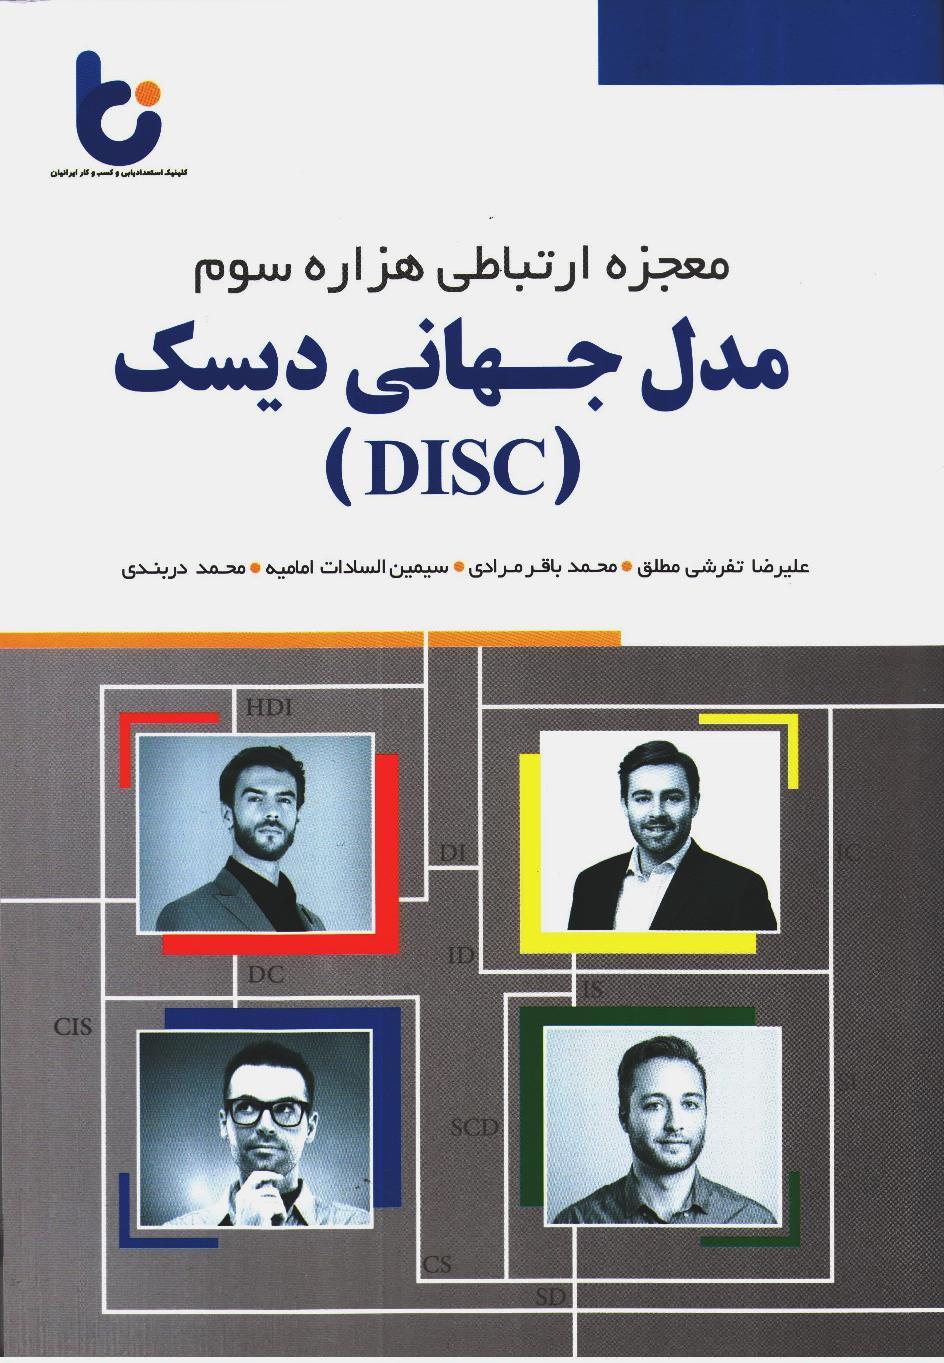 عکس شماره 1 مدل جهانی دیسک(DISC)